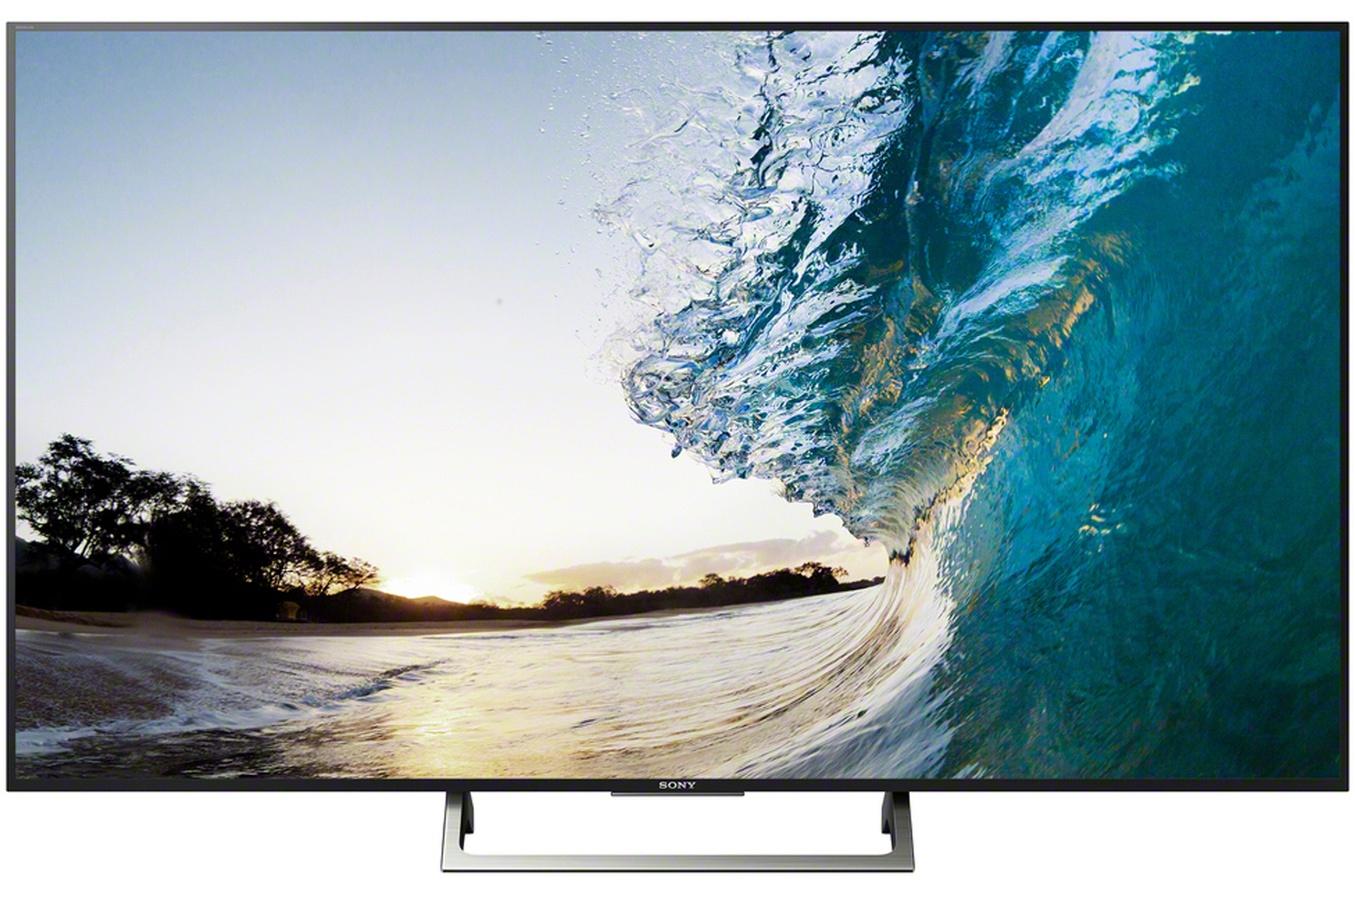 🔥 Bon plan : la TV LED Sony Bravia 4K HDR de 55 pouces est à 999 euros au lieu de 1 190 euros